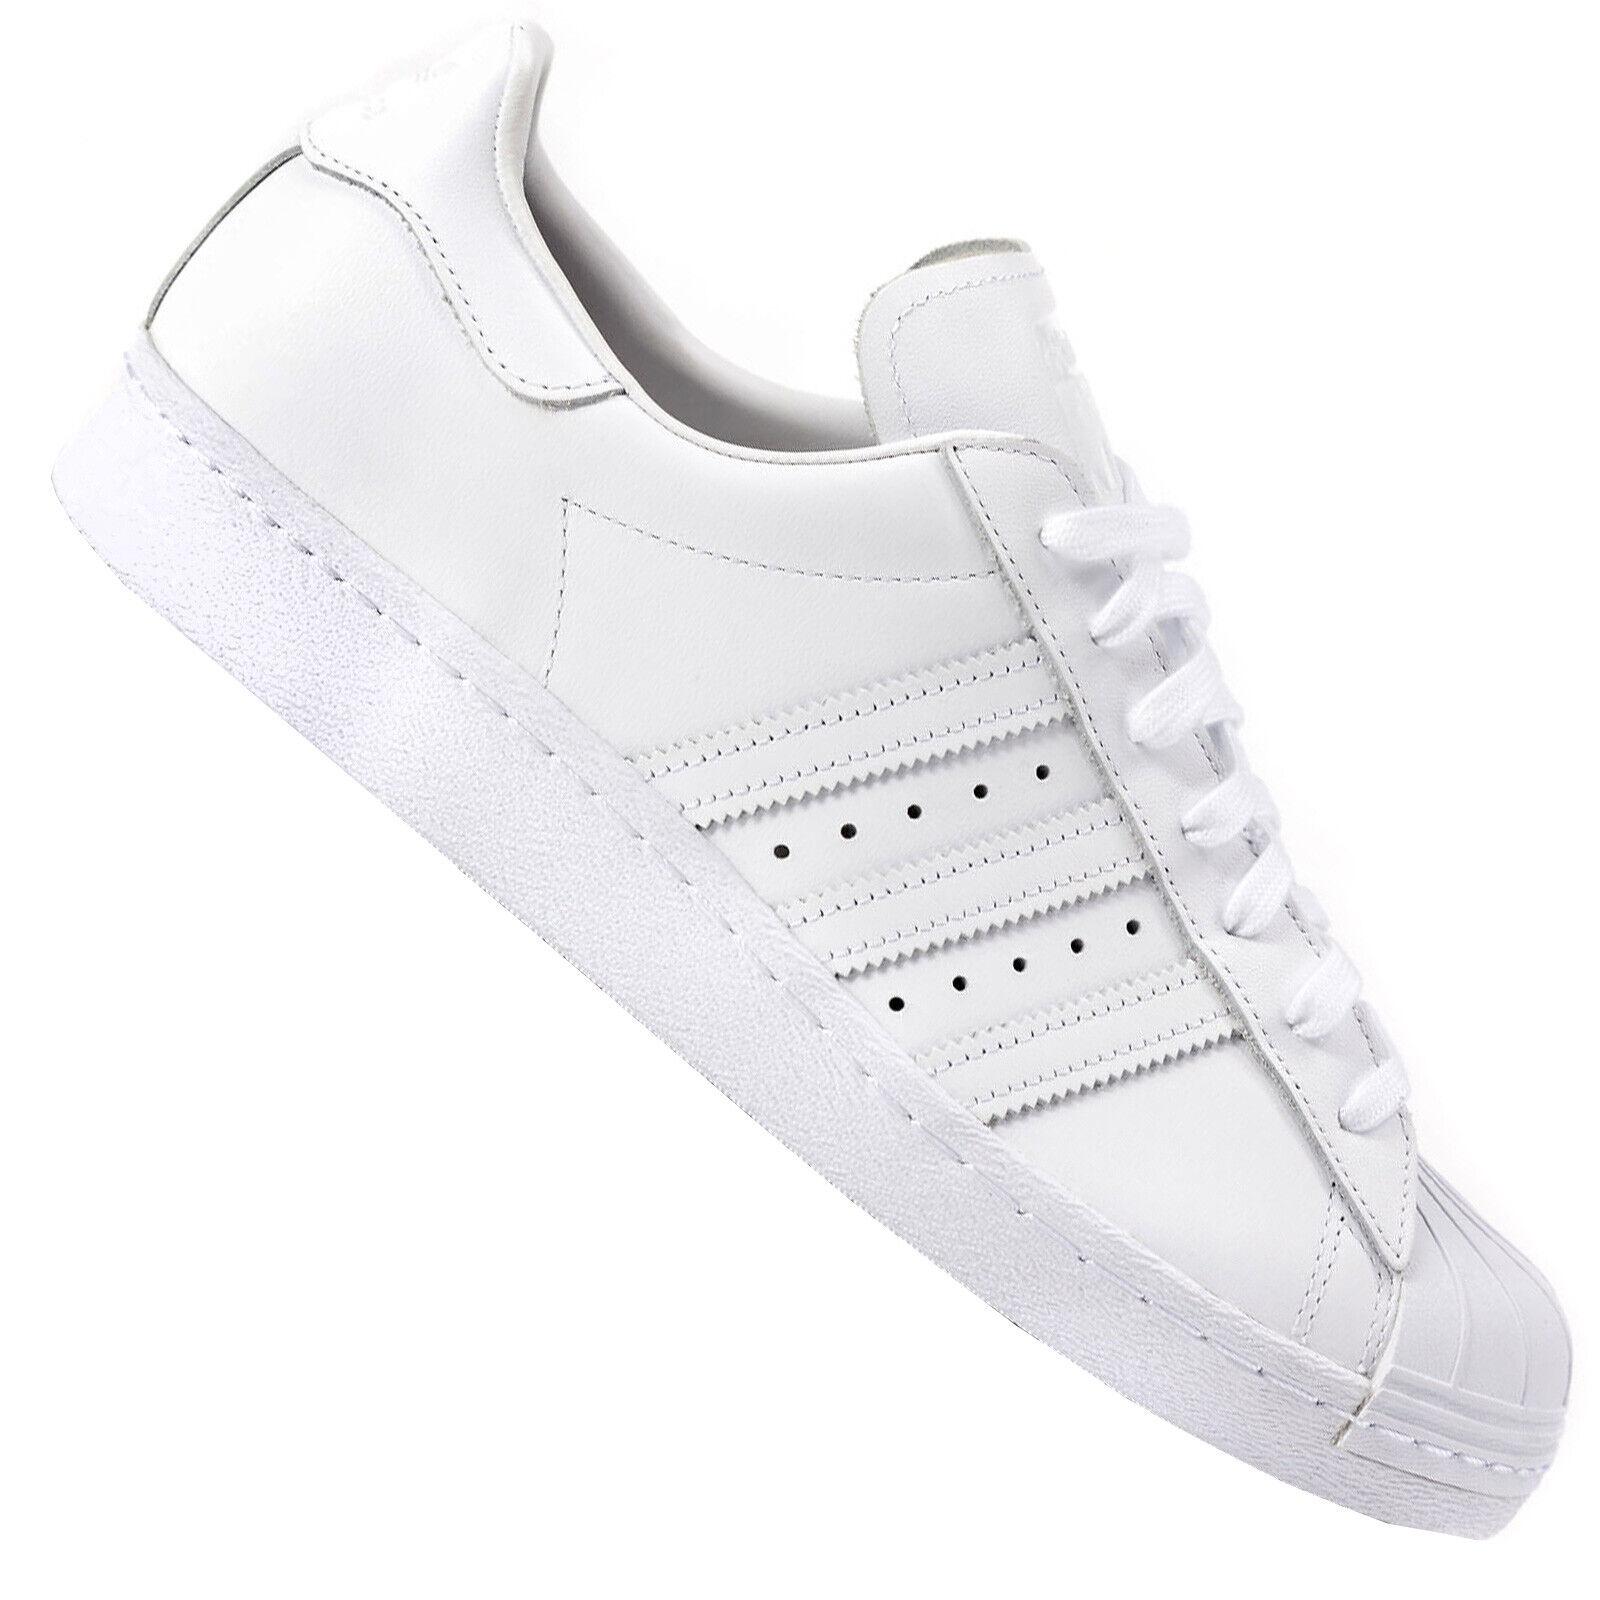 Adidas Originals Superstar 80s Herren Turnschuhe Turnschuhe S79443 CleanWeiß Weiß